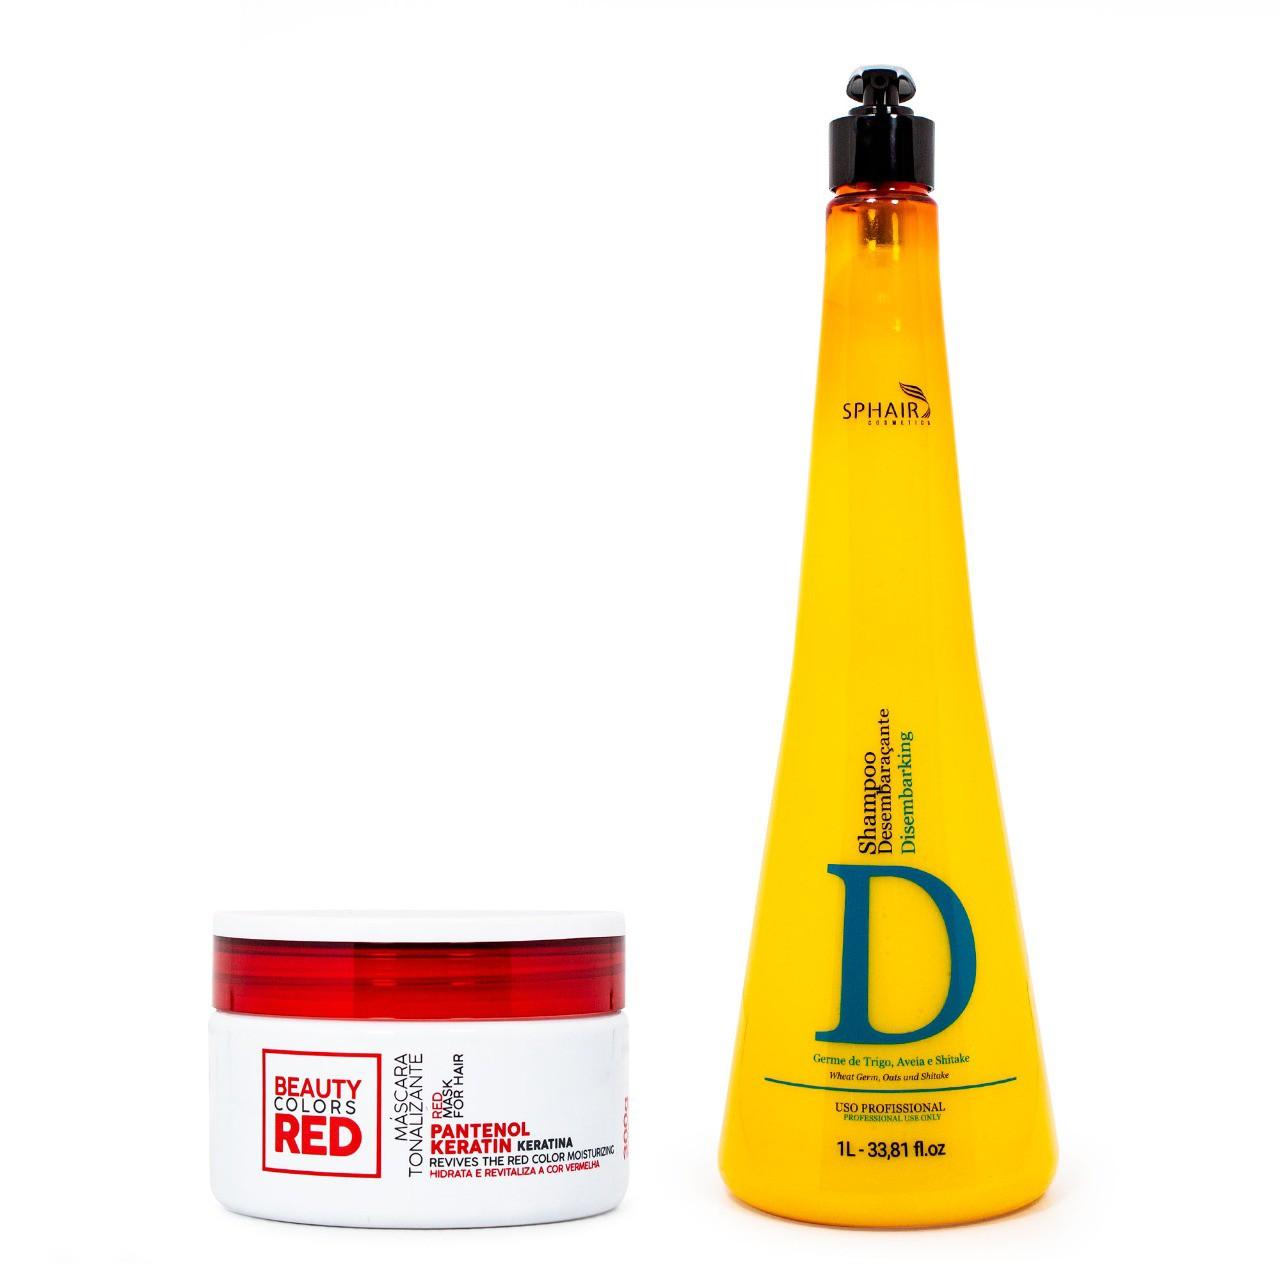 Tratamento de hidratação e cor para cabelos vermelhos